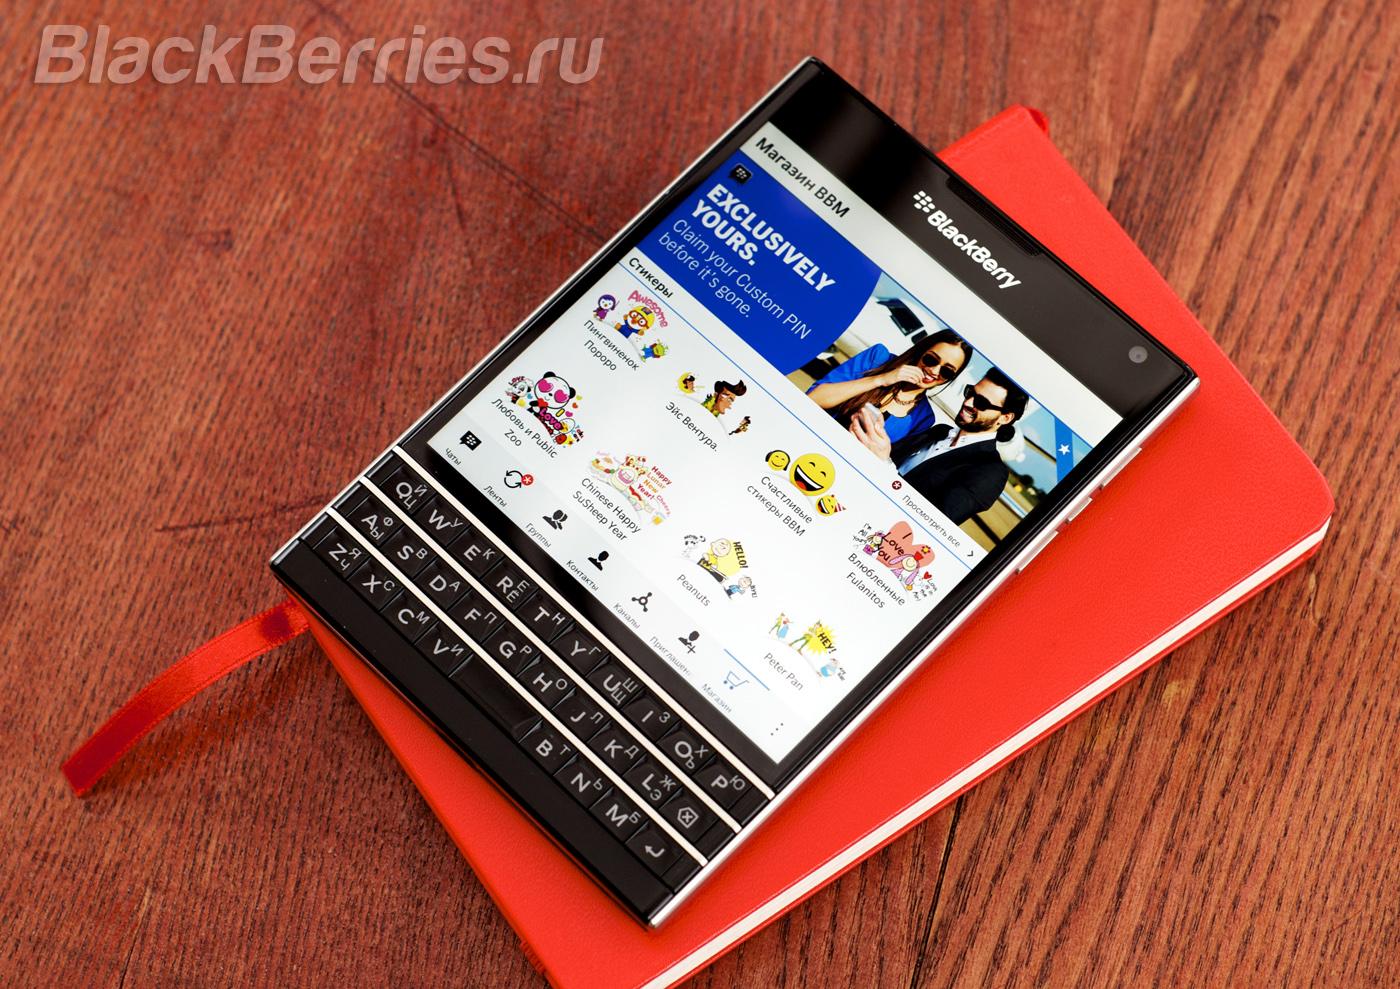 BlackBerry-Passport-BBM-Shop-2